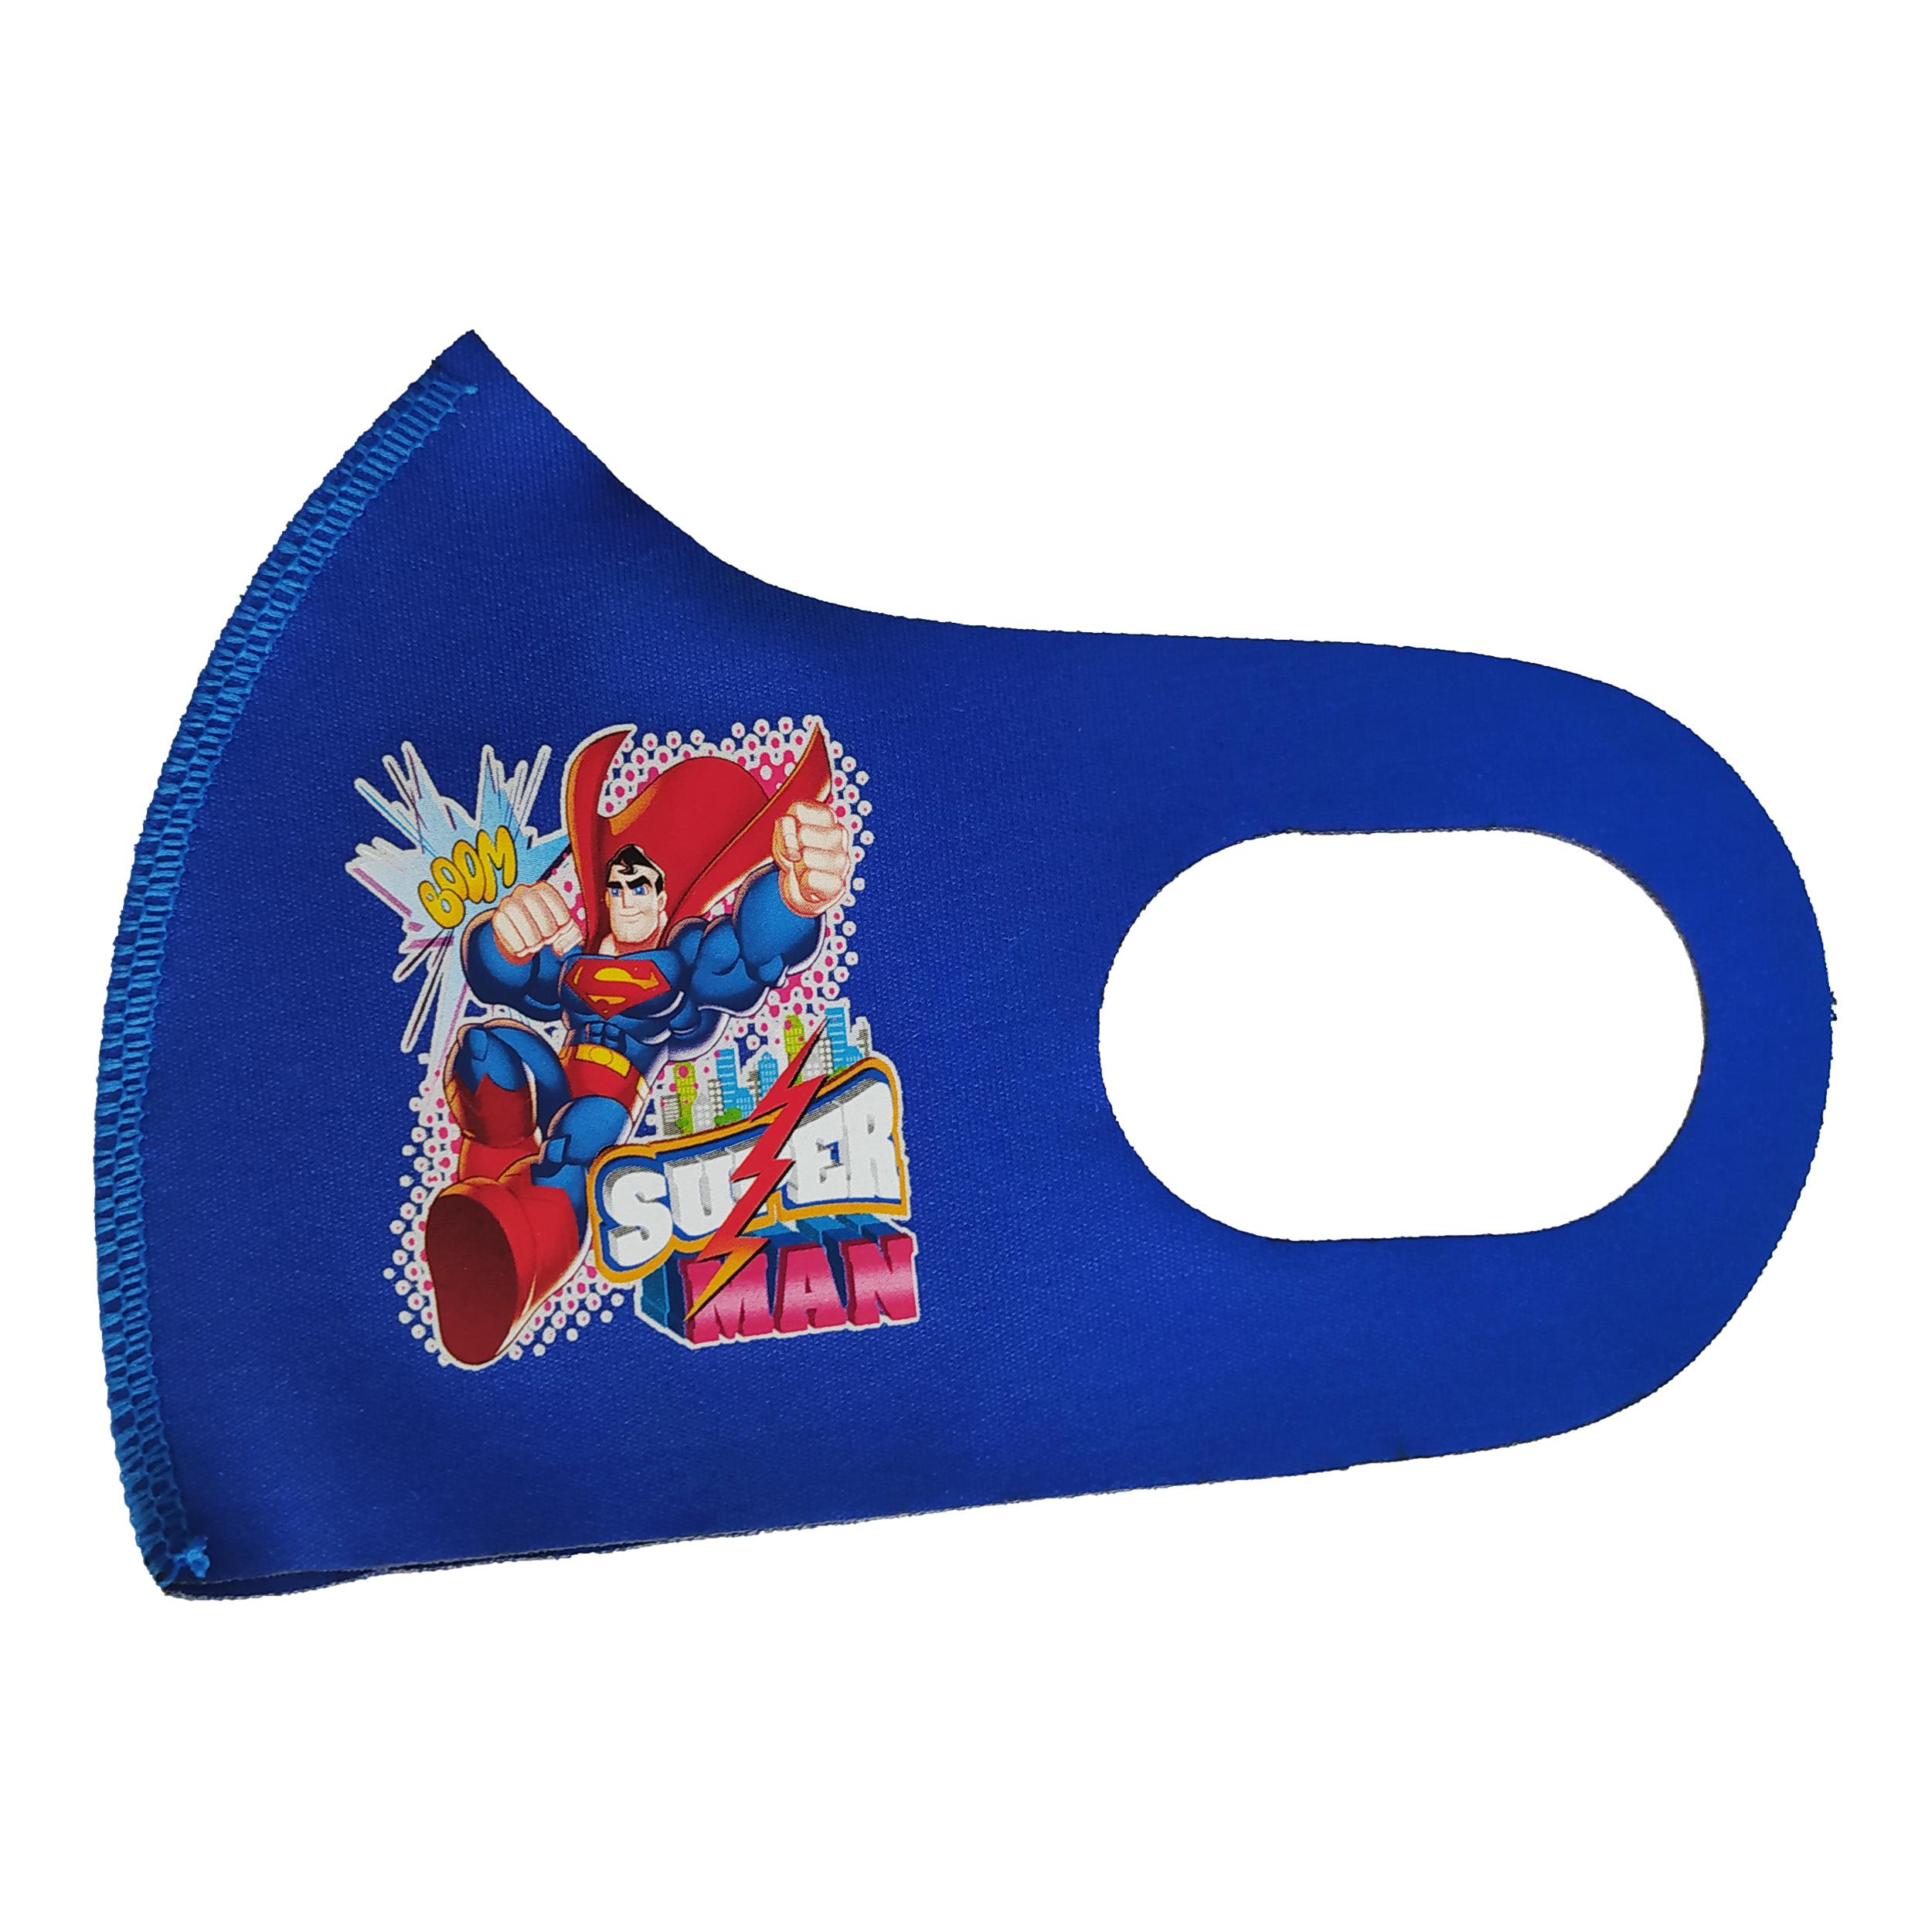 ماسک تزیینی بچگانه طرح سوپرمن کد 30644 رنگ آبی